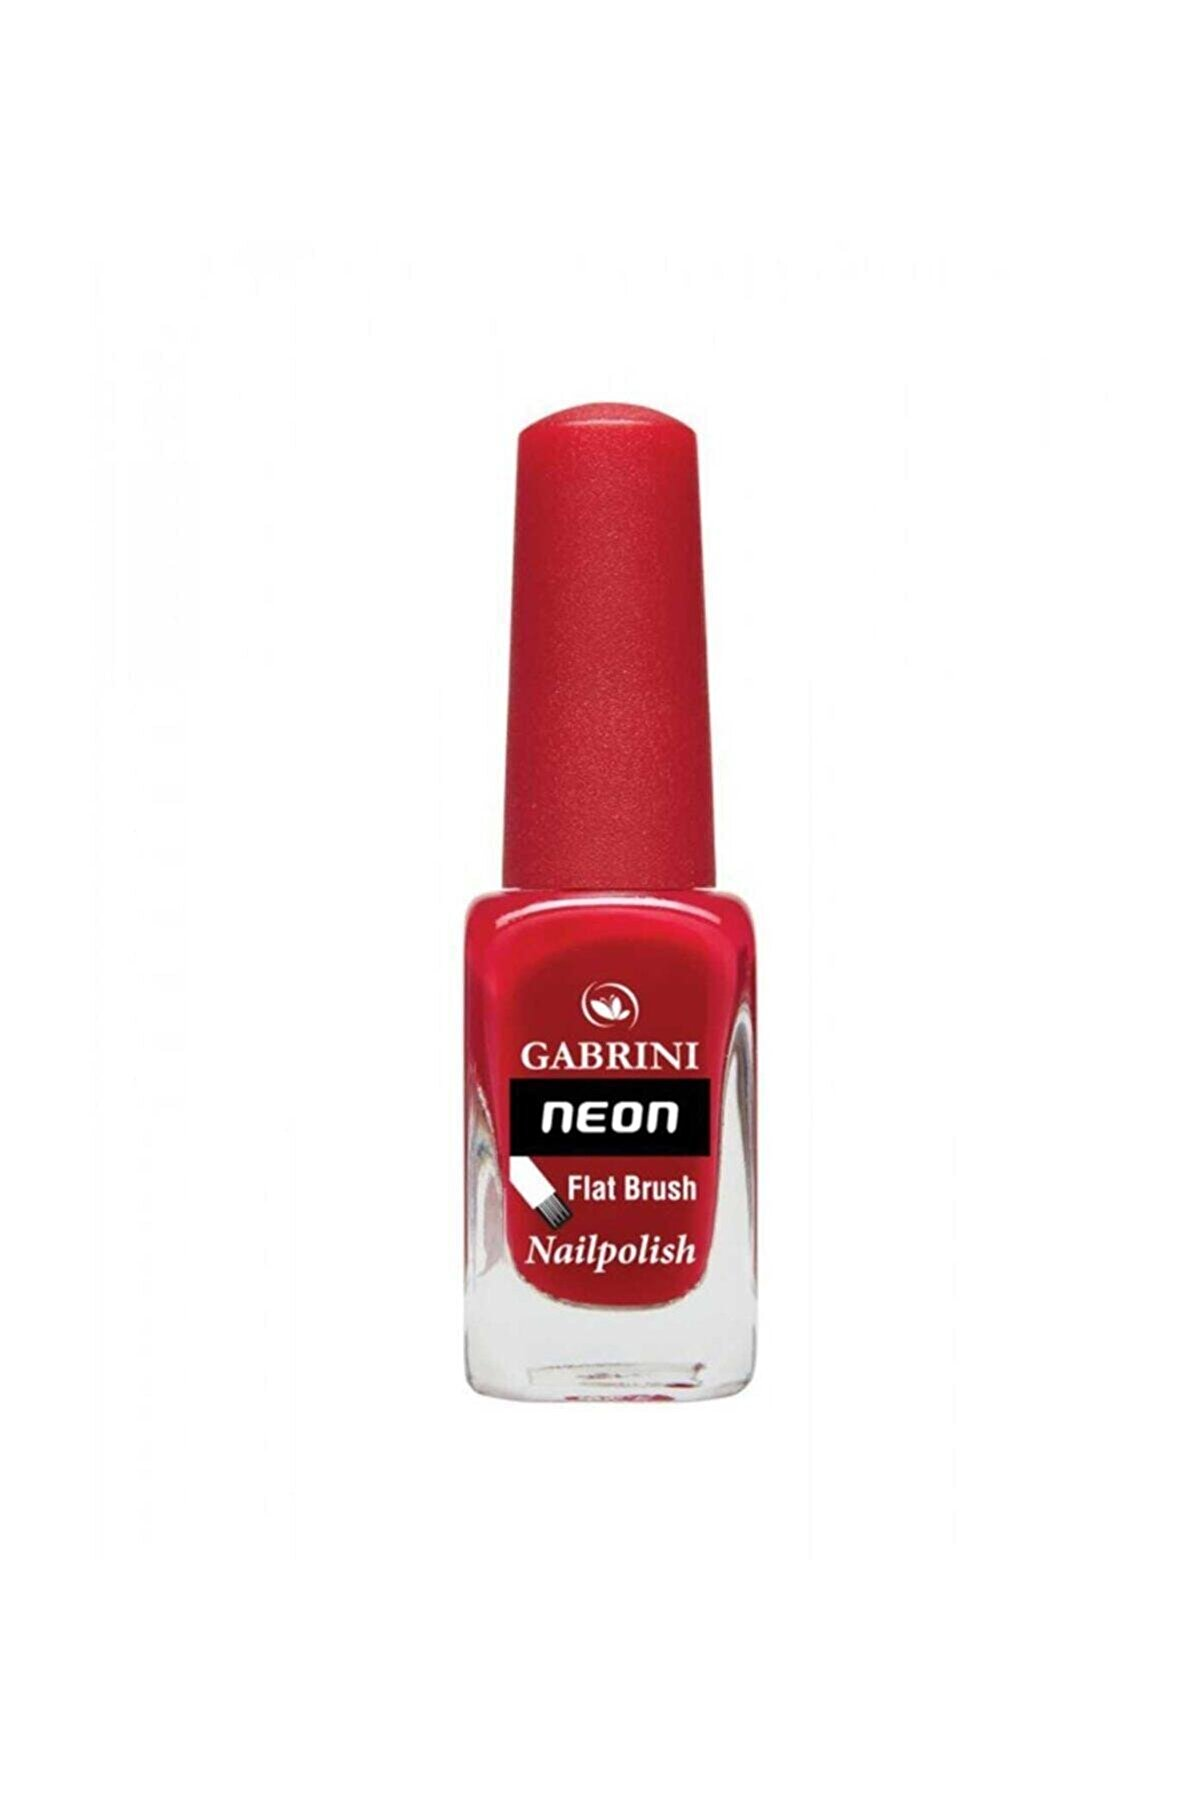 Gabrini Neon Oje - Flat Brush 11 Bordo 6 ml